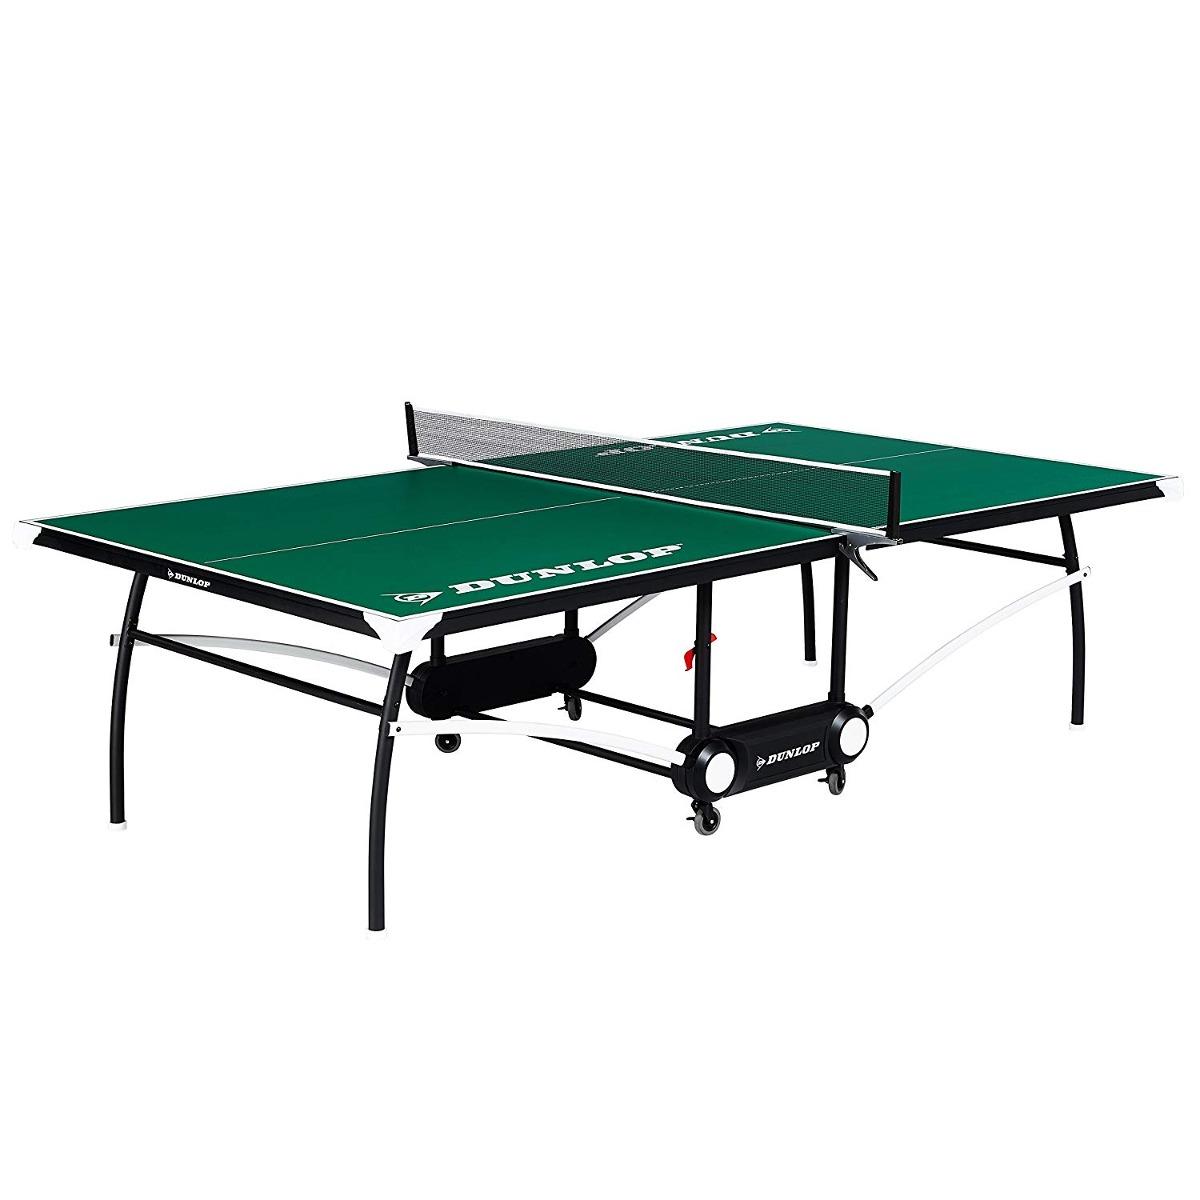 ad6abd531 Mesa De Tenis De Mesa Oficial Dunlop... -   2.934.336 en Mercado Libre